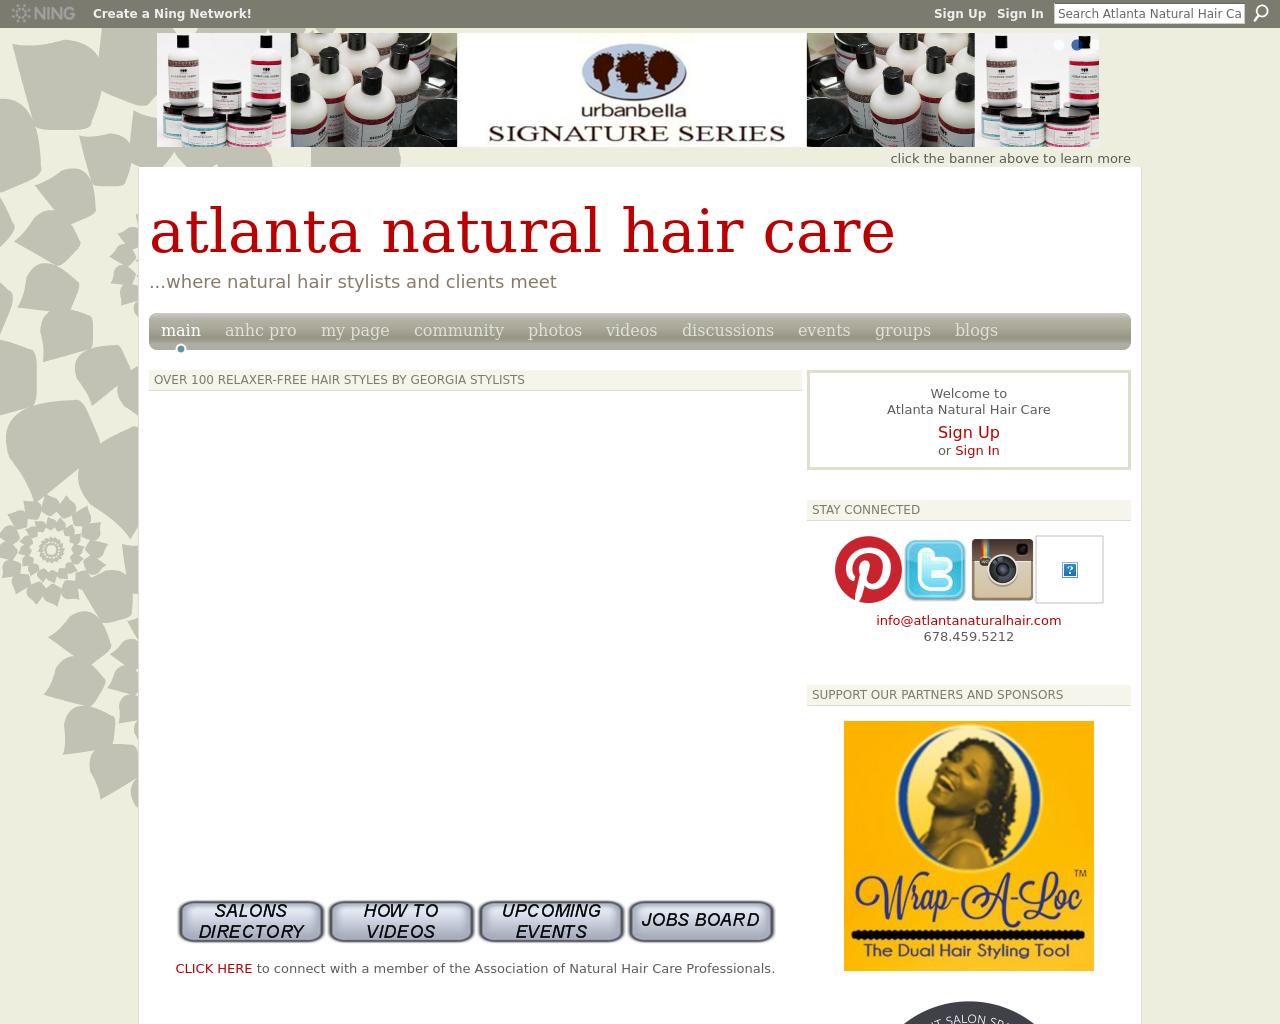 Atlanta-Natural-Hair-Care-Advertising-Reviews-Pricing